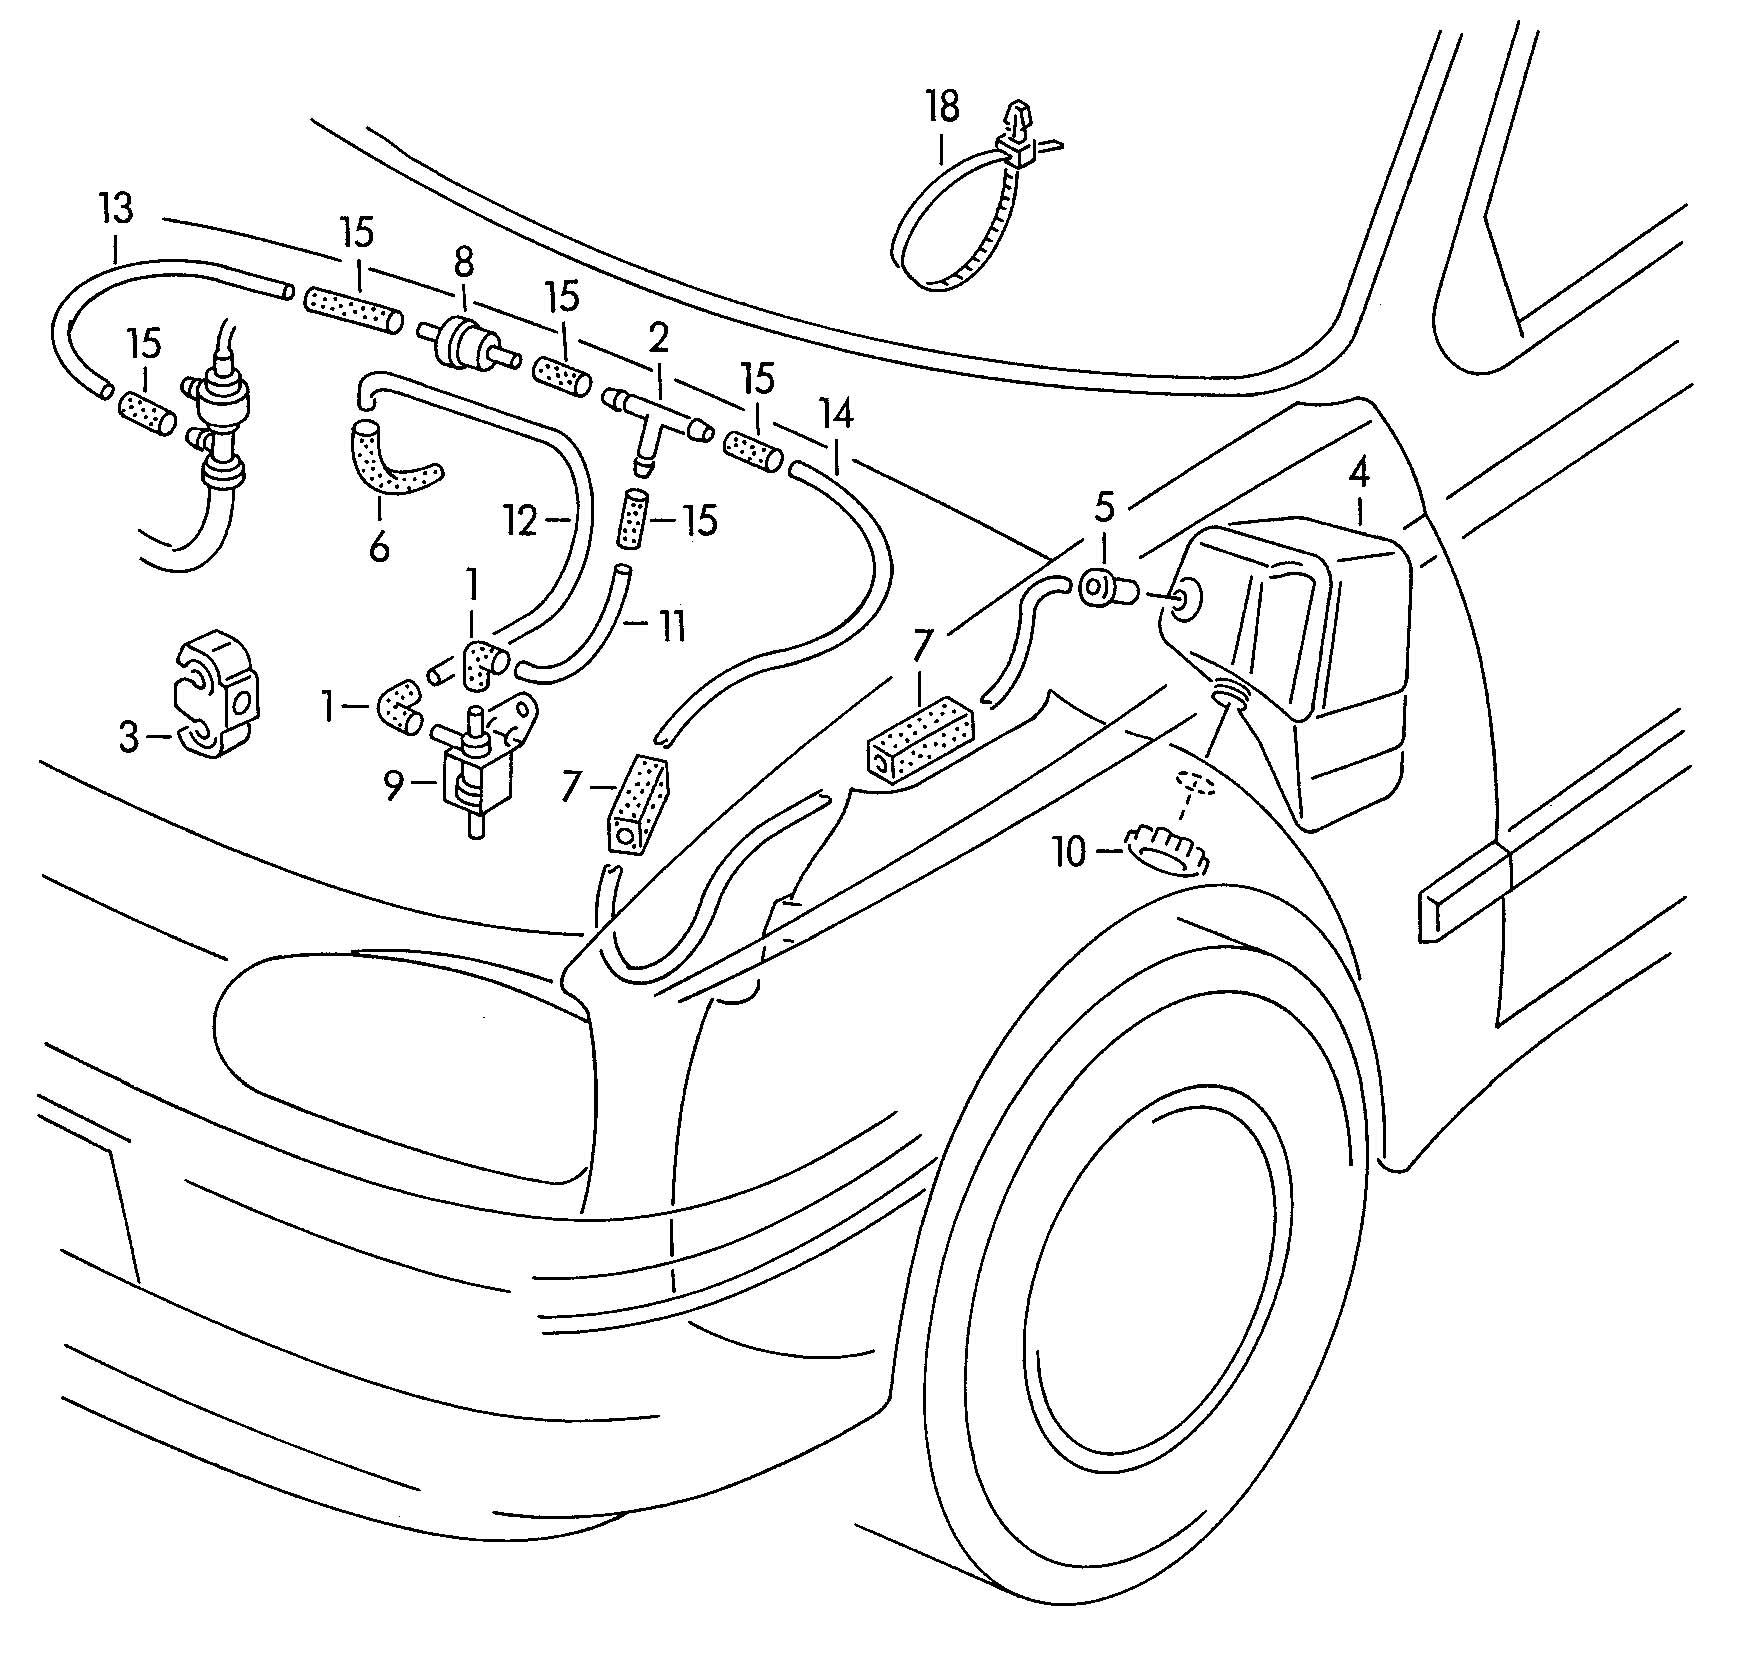 1999 Volkswagen Cabrio/Cabriolet 2.0L Solenoid valve. AAZ